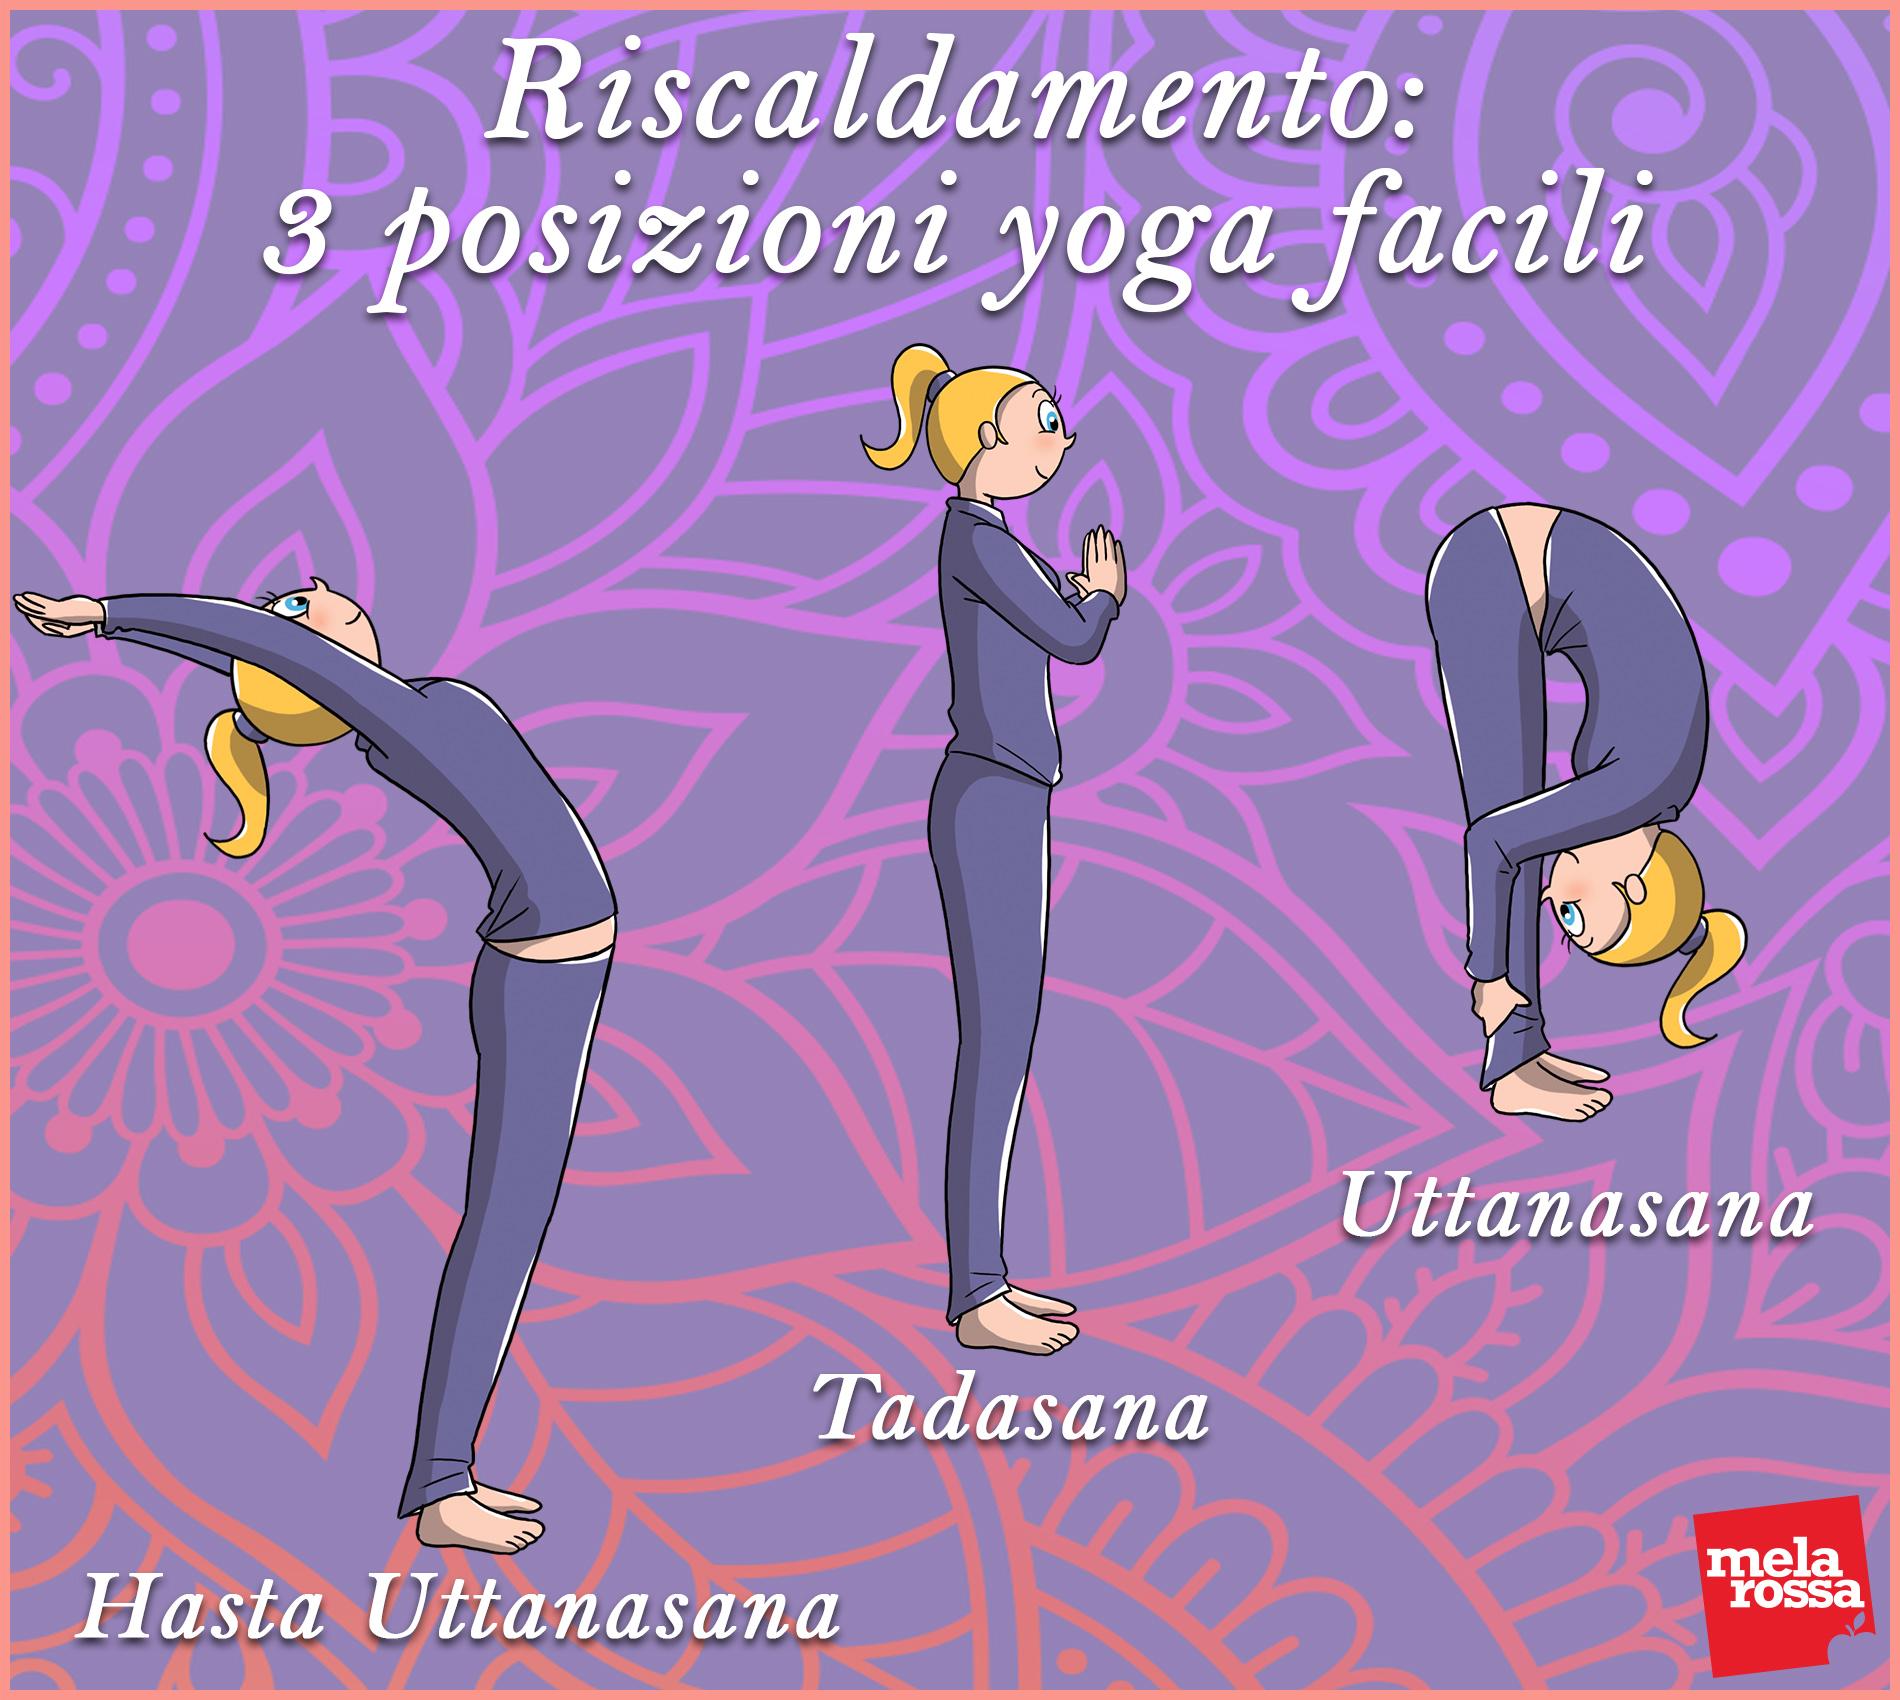 allenamento yoga a casa: riscaldamento